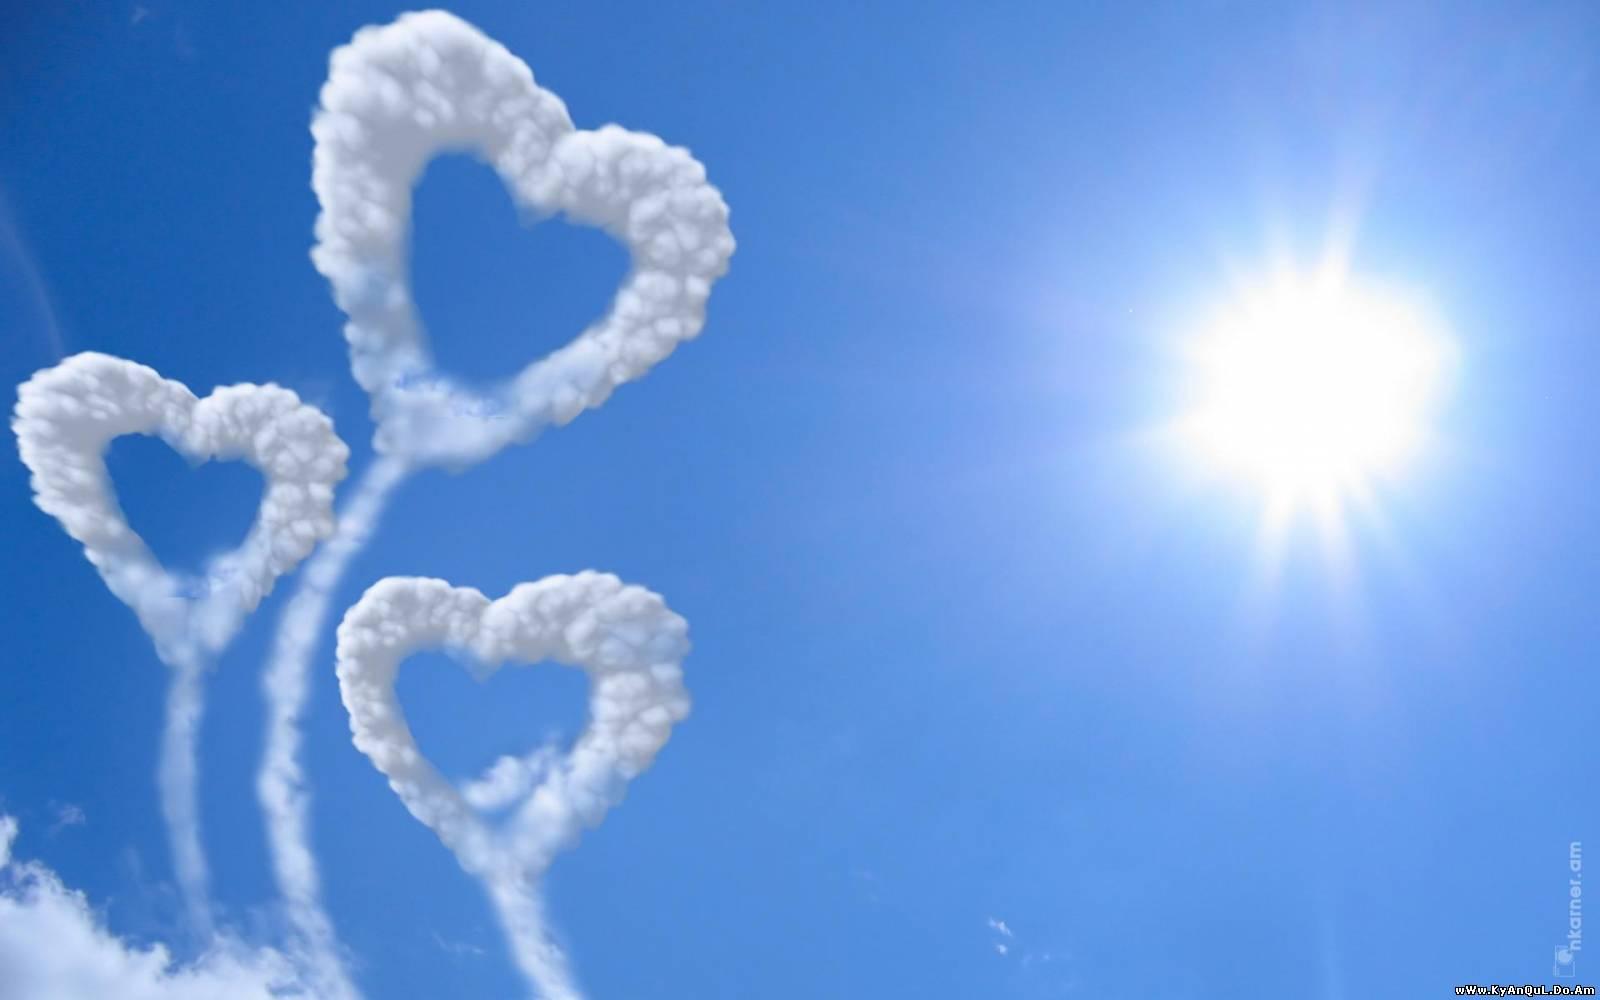 Ảnh mây trái tim